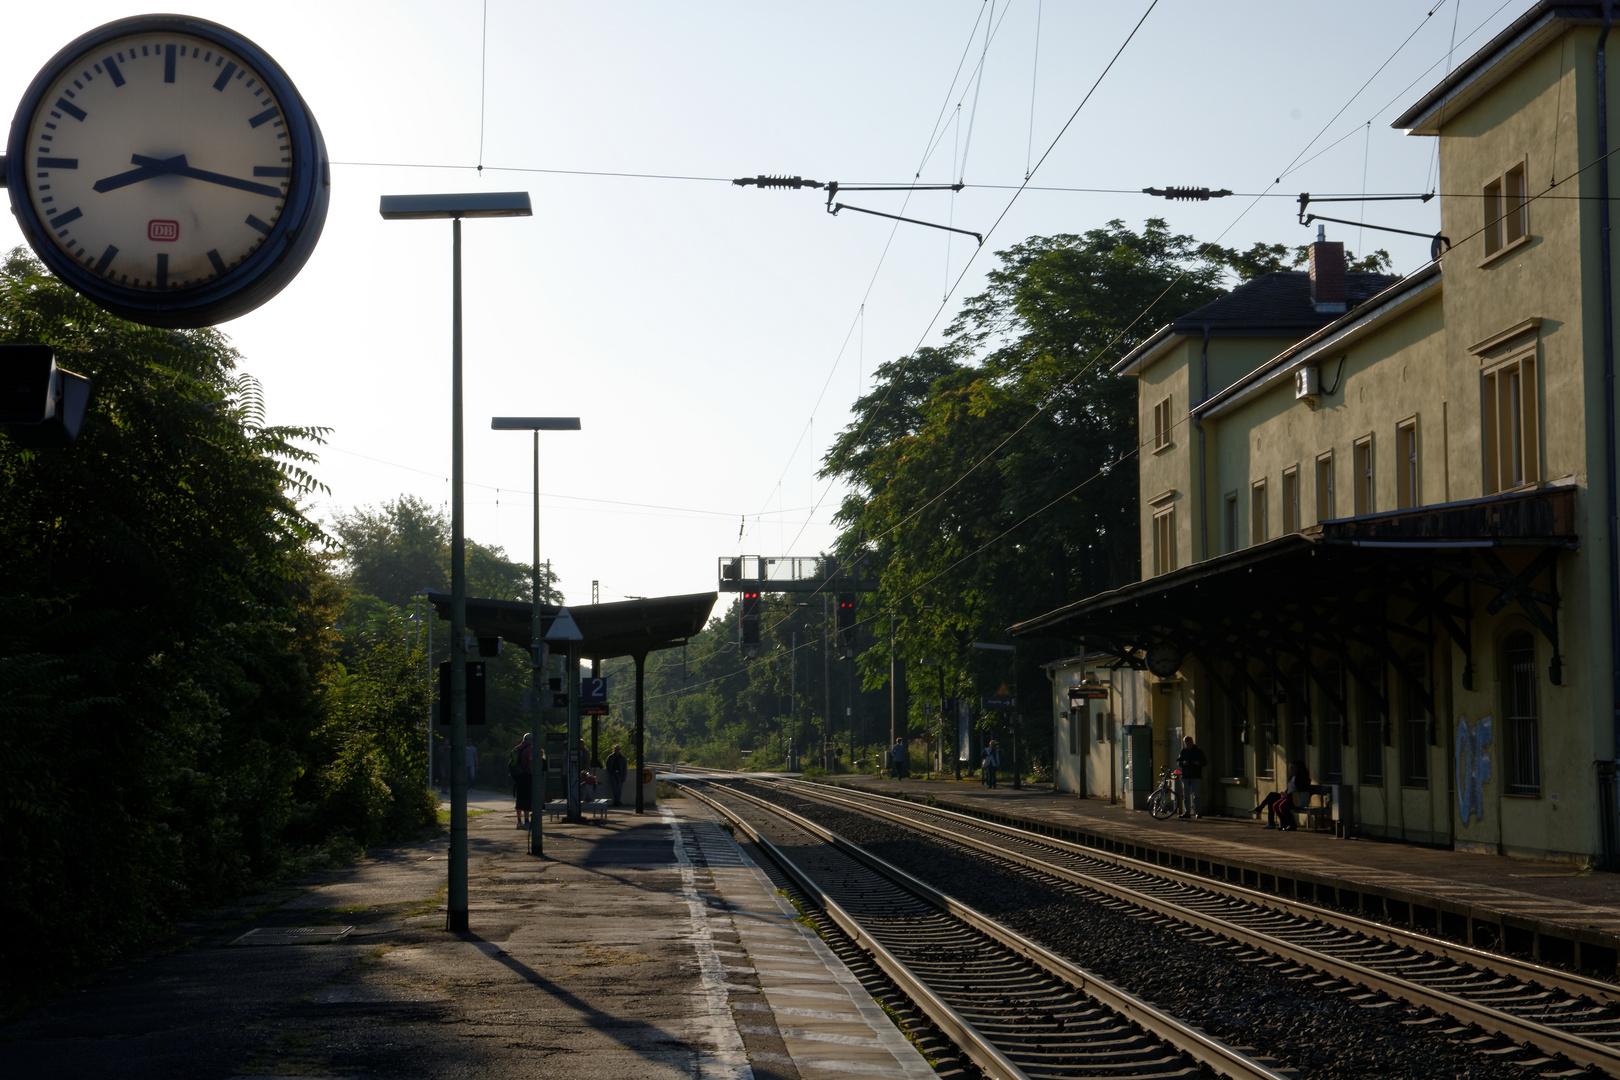 Spätsommermorgen am Bahnhof Wiesbaden-Biebrich